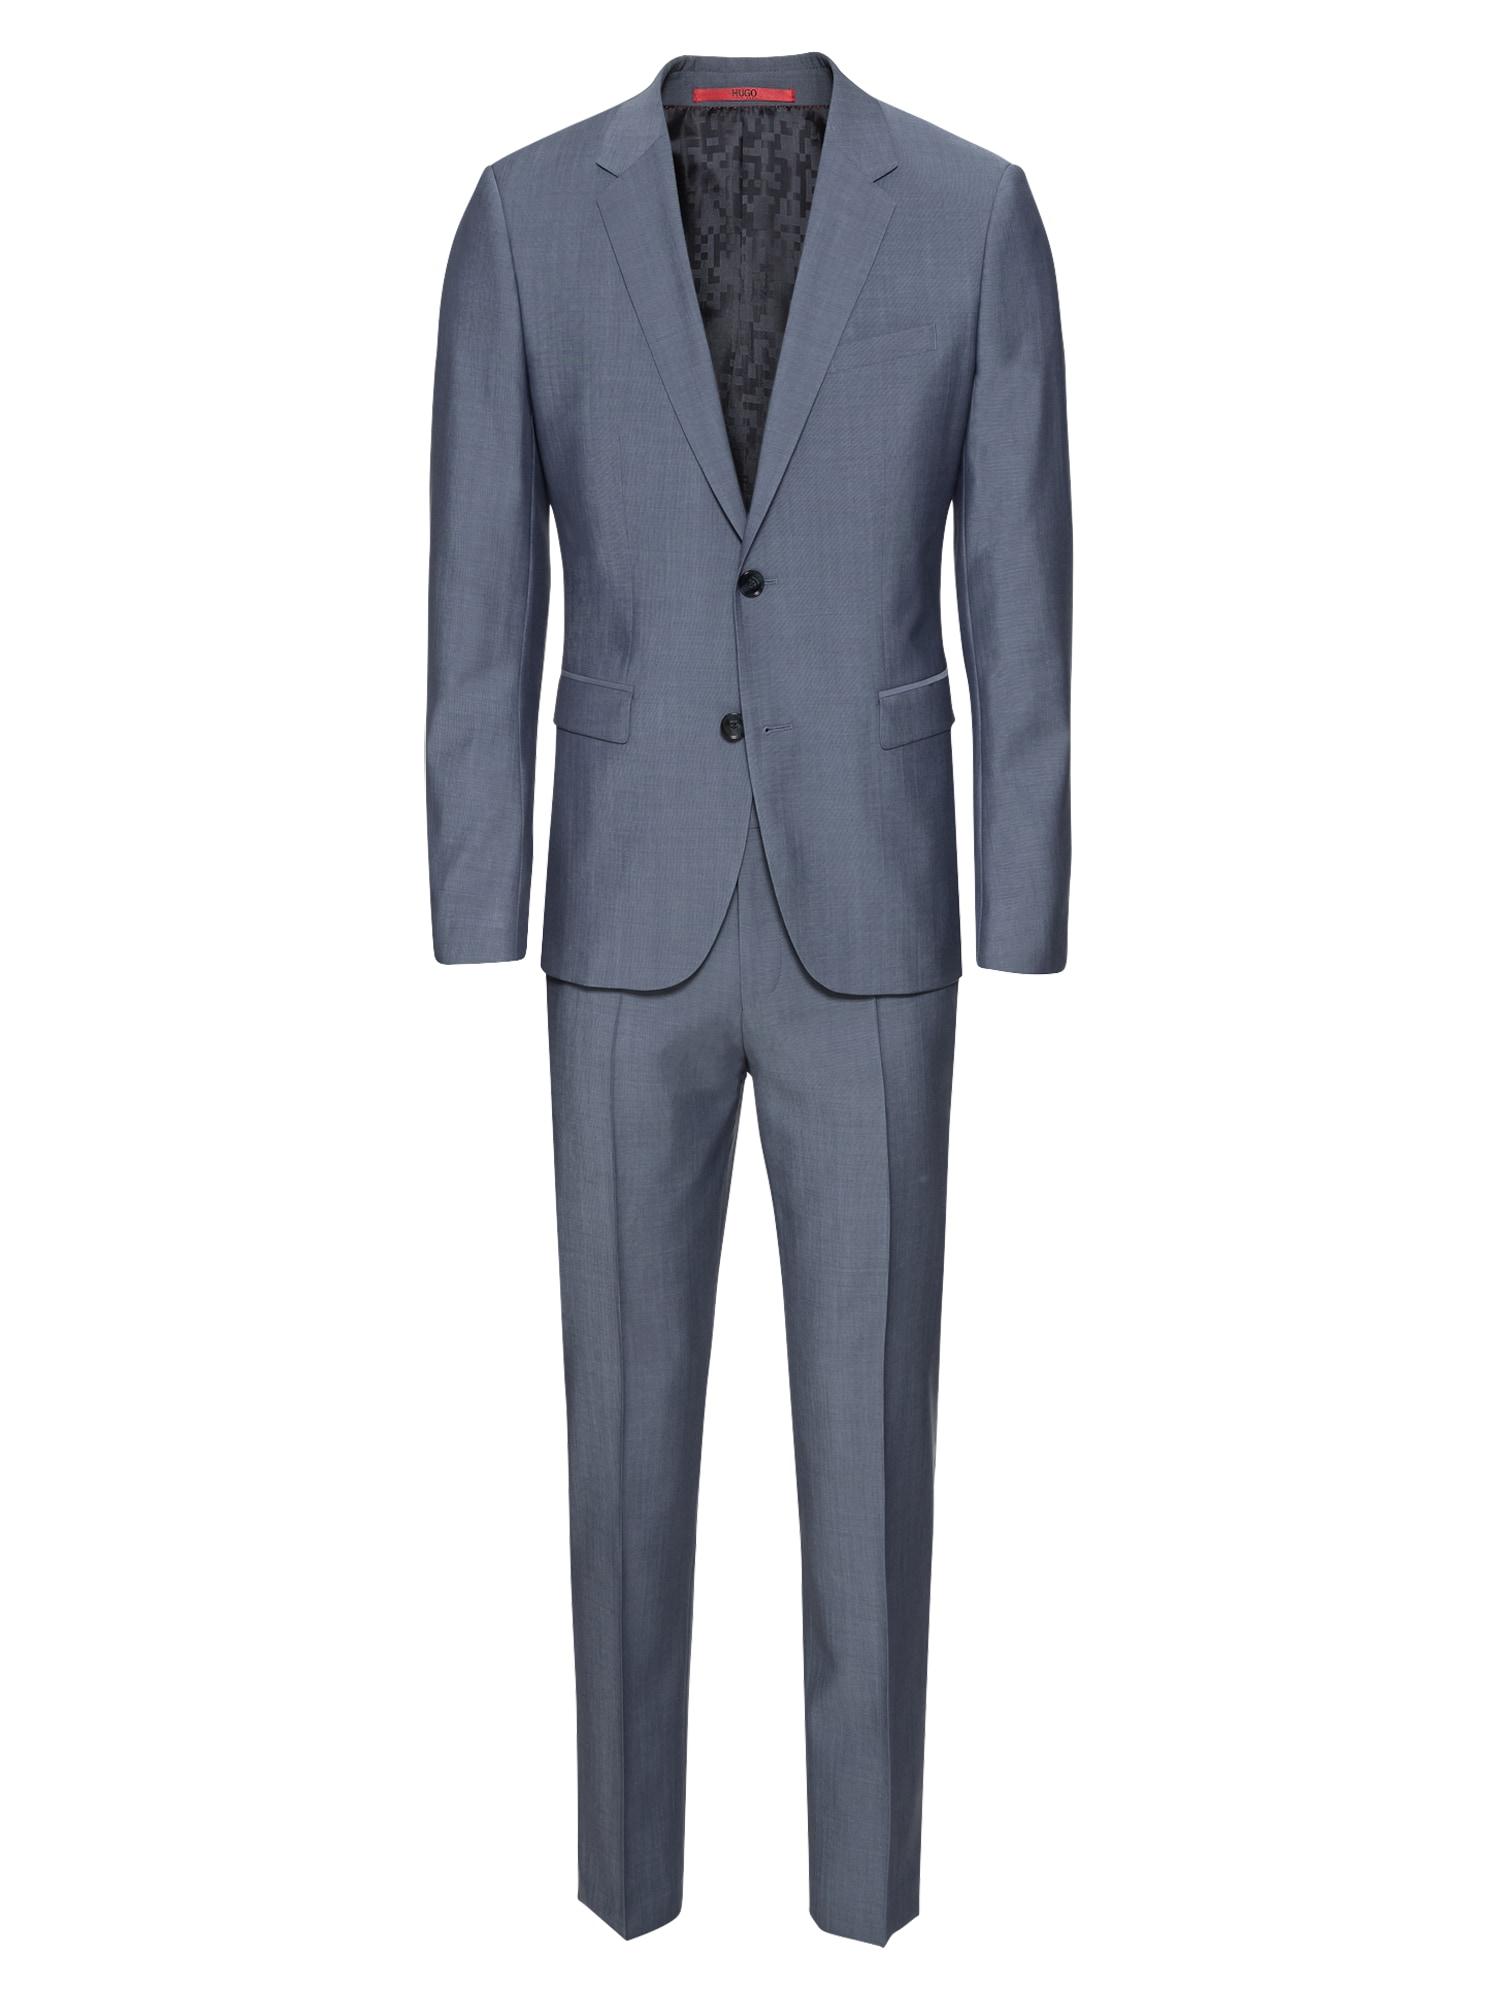 Oblek AstianHets184 10178011 01 modrá HUGO